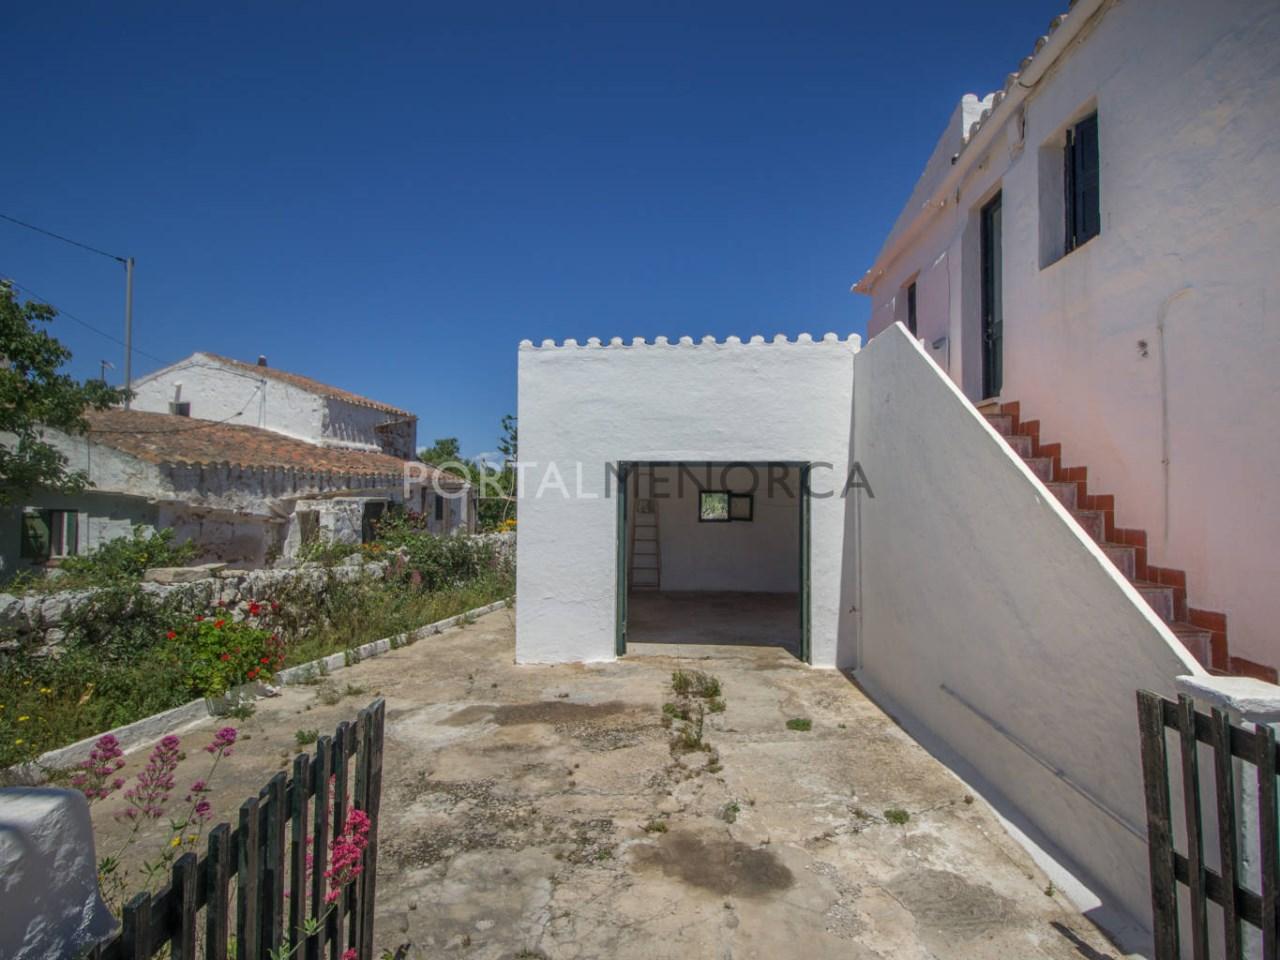 Re_ 1 casa en caserío s'uestra - fachada y jardín (13)